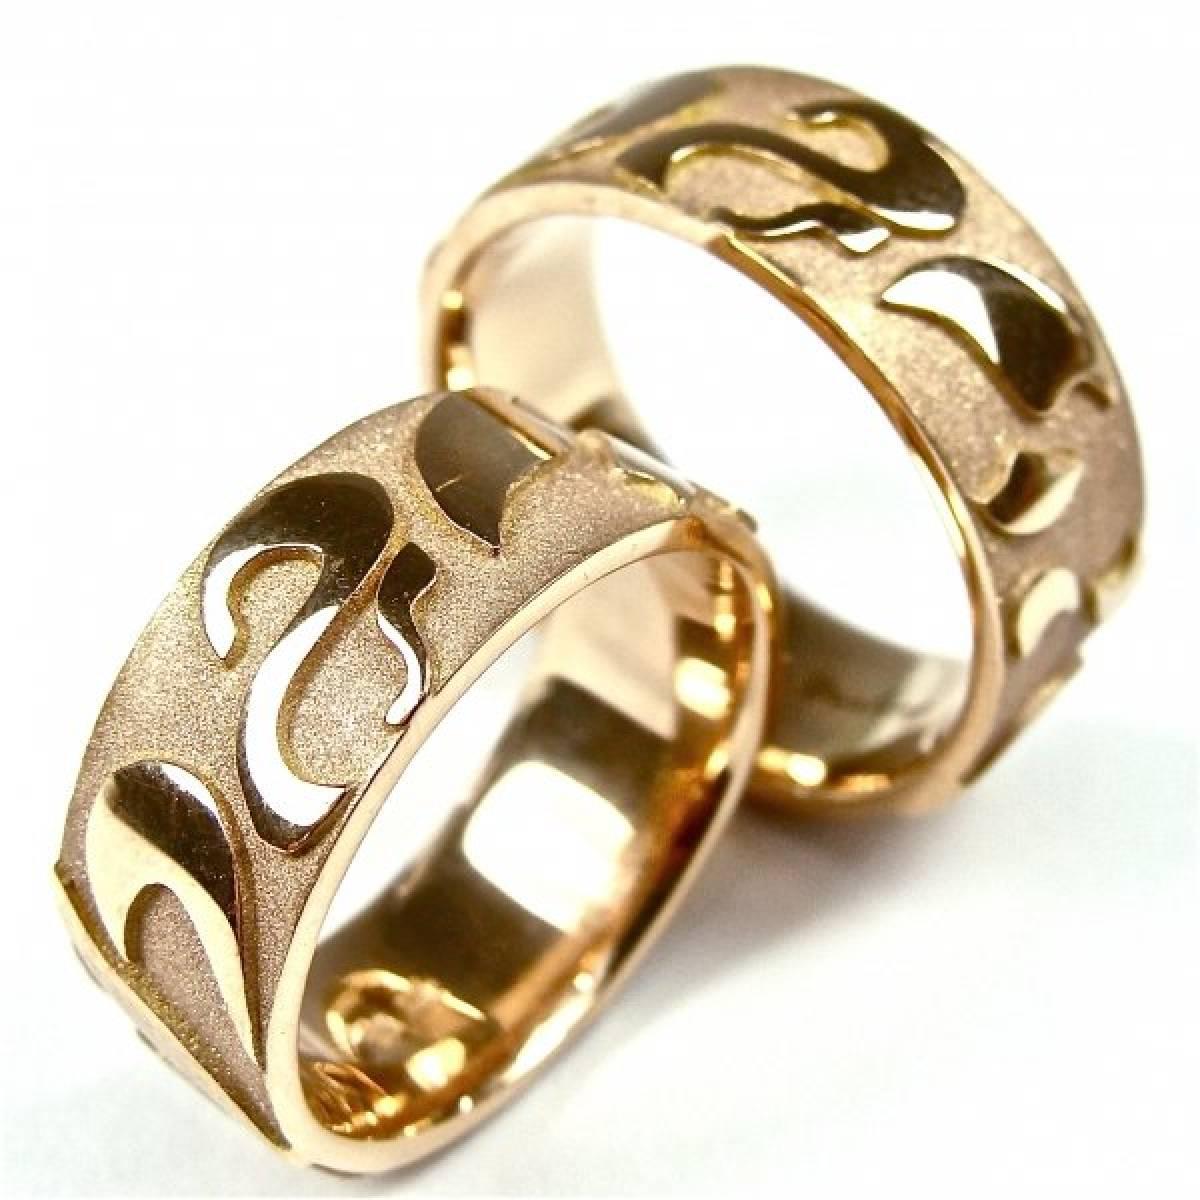 Alianças de Casamento areadas e polidas em ouro Rosa de 9 e 19 kts